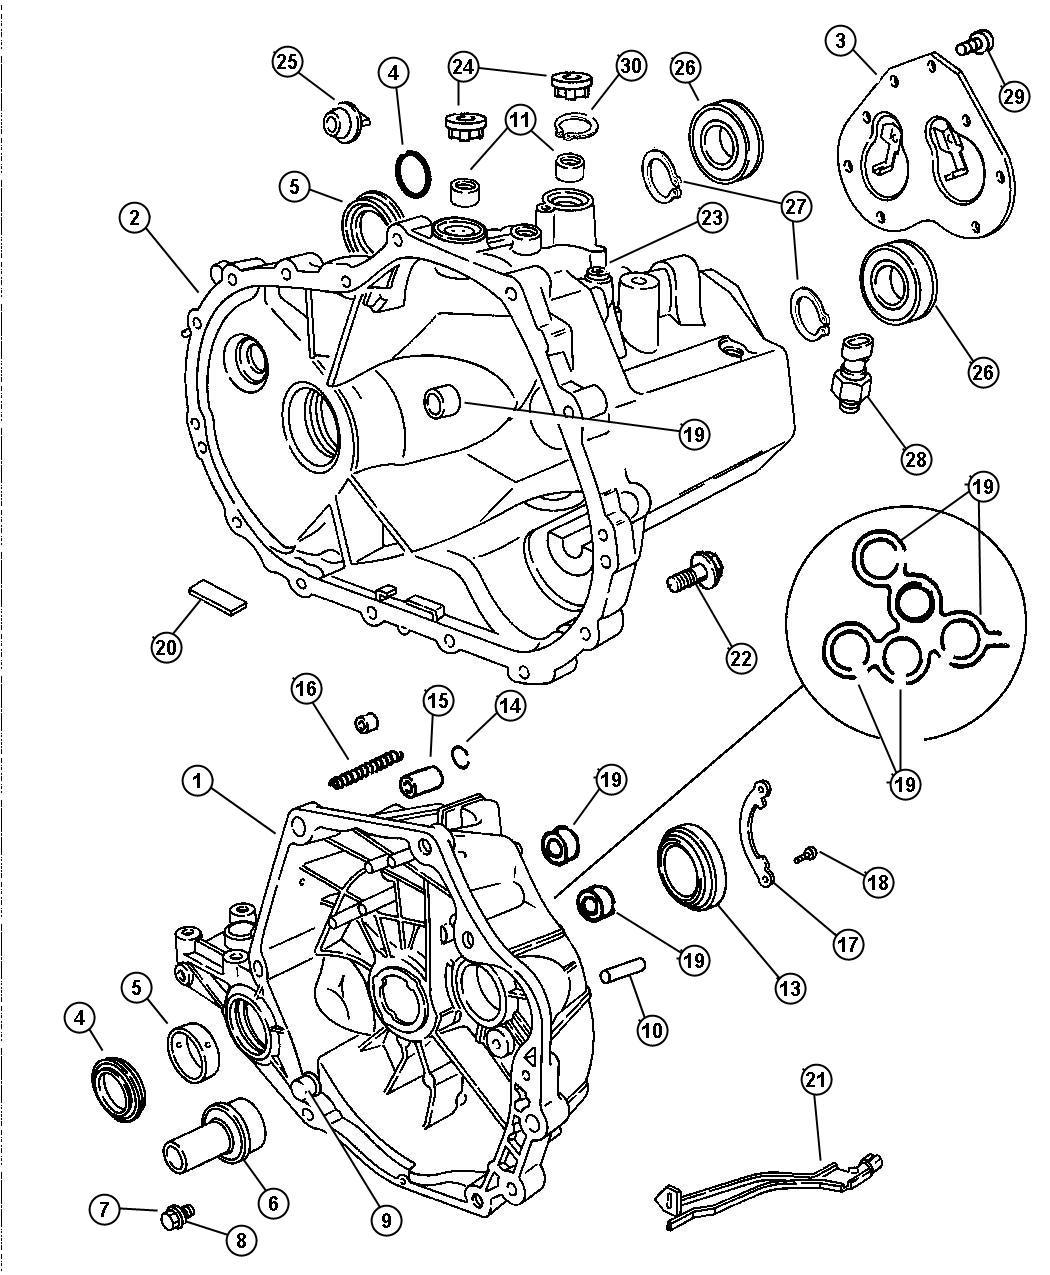 Chrysler Sebring Plug. Oil fill. Drain & fill, fill